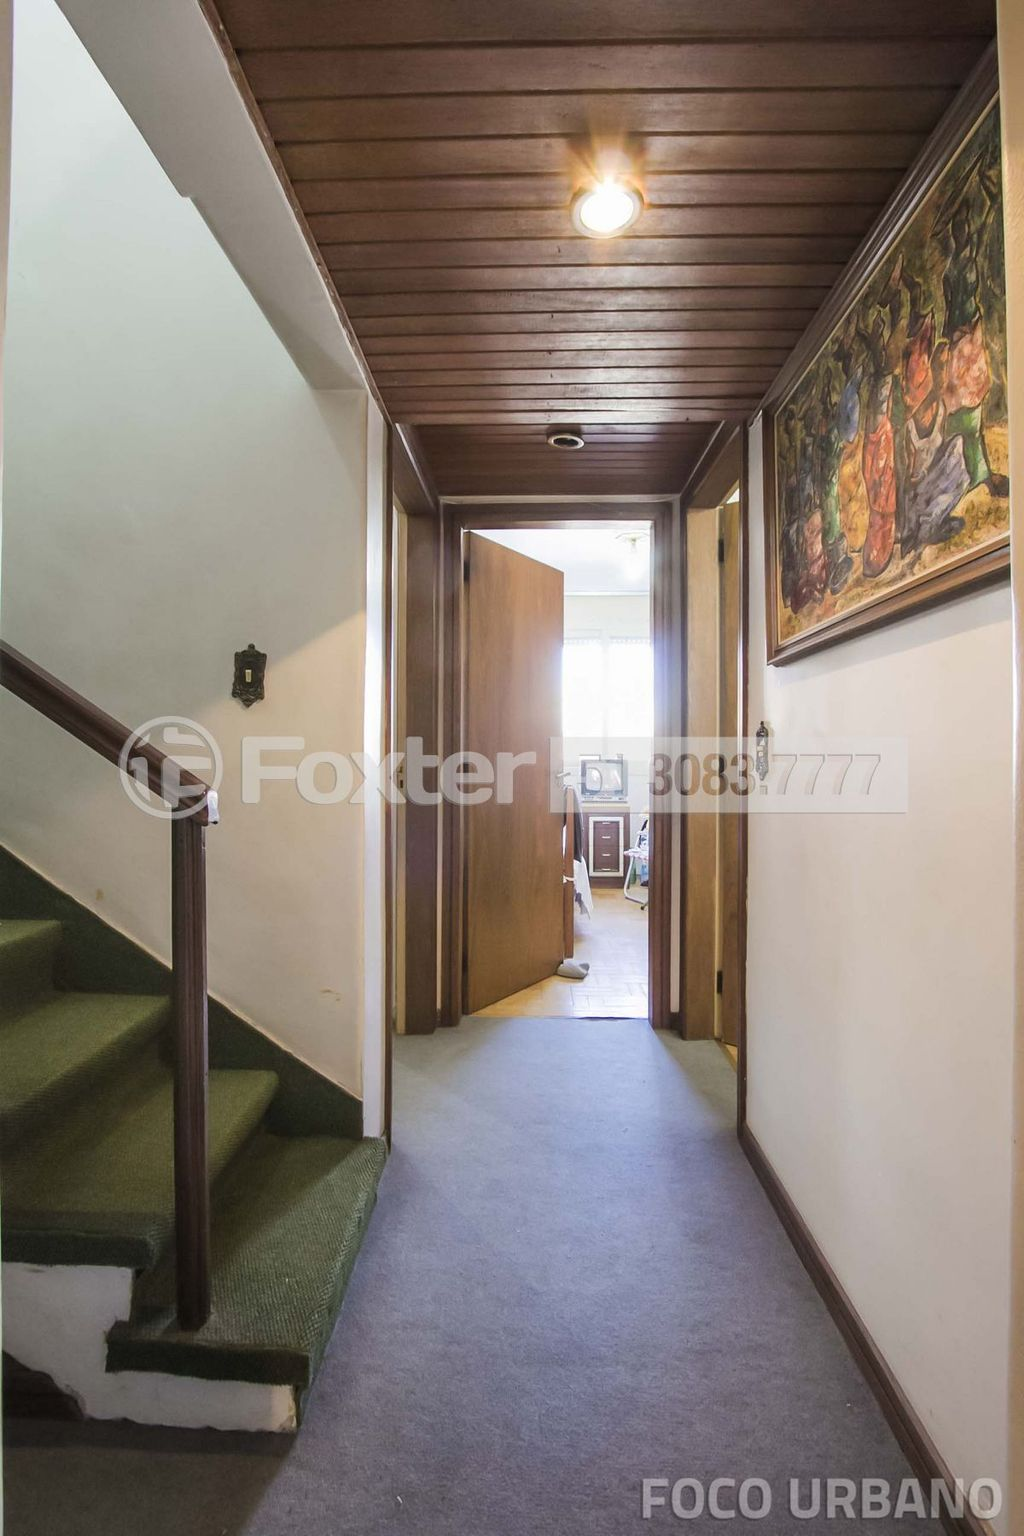 Foxter Imobiliária - Cobertura 3 Dorm (139458) - Foto 3